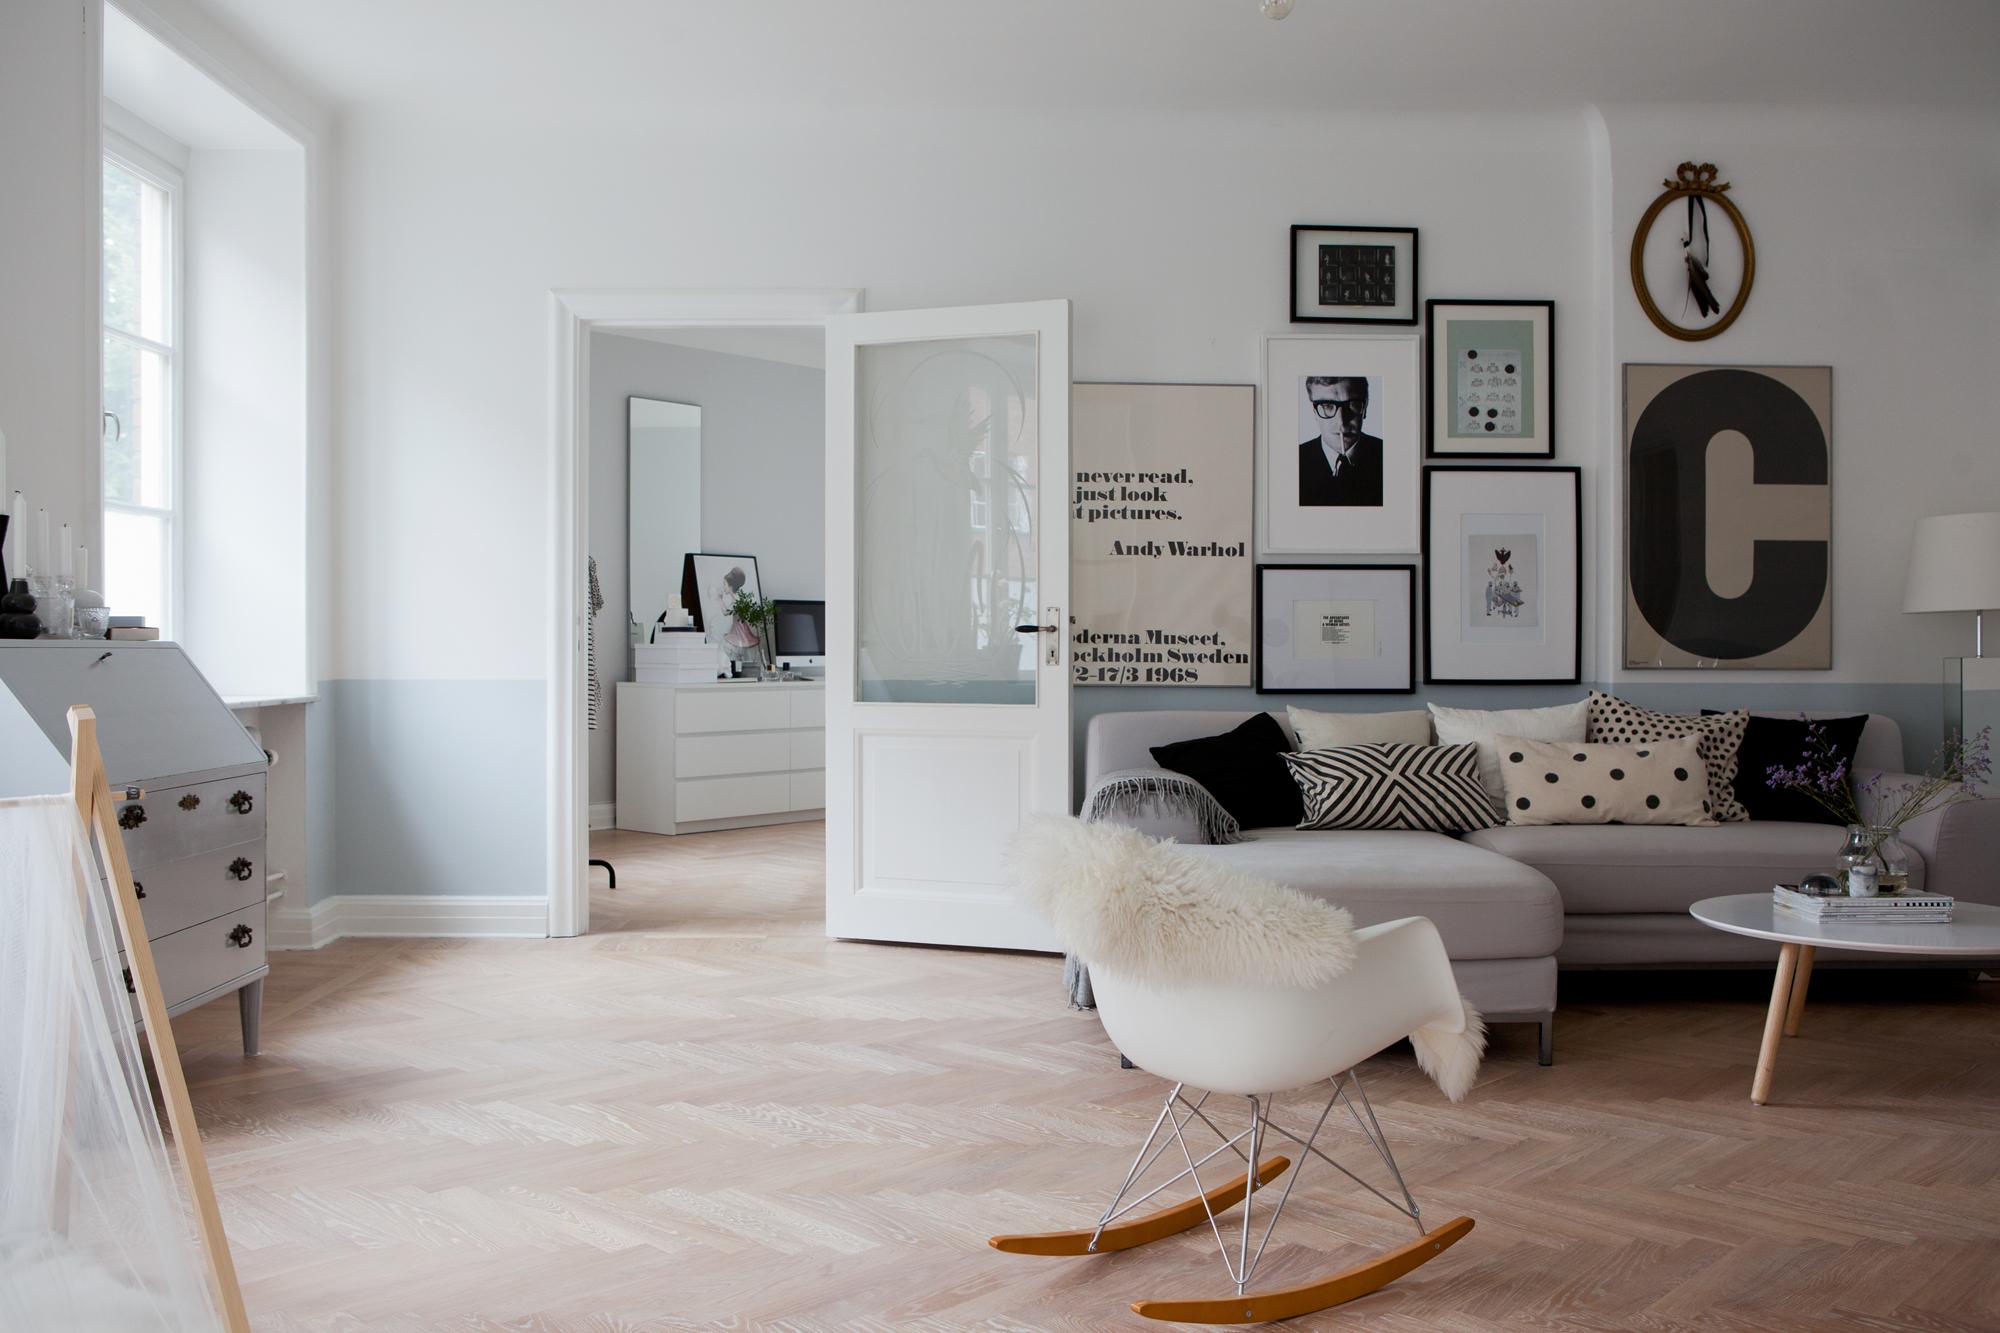 Stijlvolle woonkamer in voormalig winkelpand inrichting - Deco woonkamer aan de muur wit ...